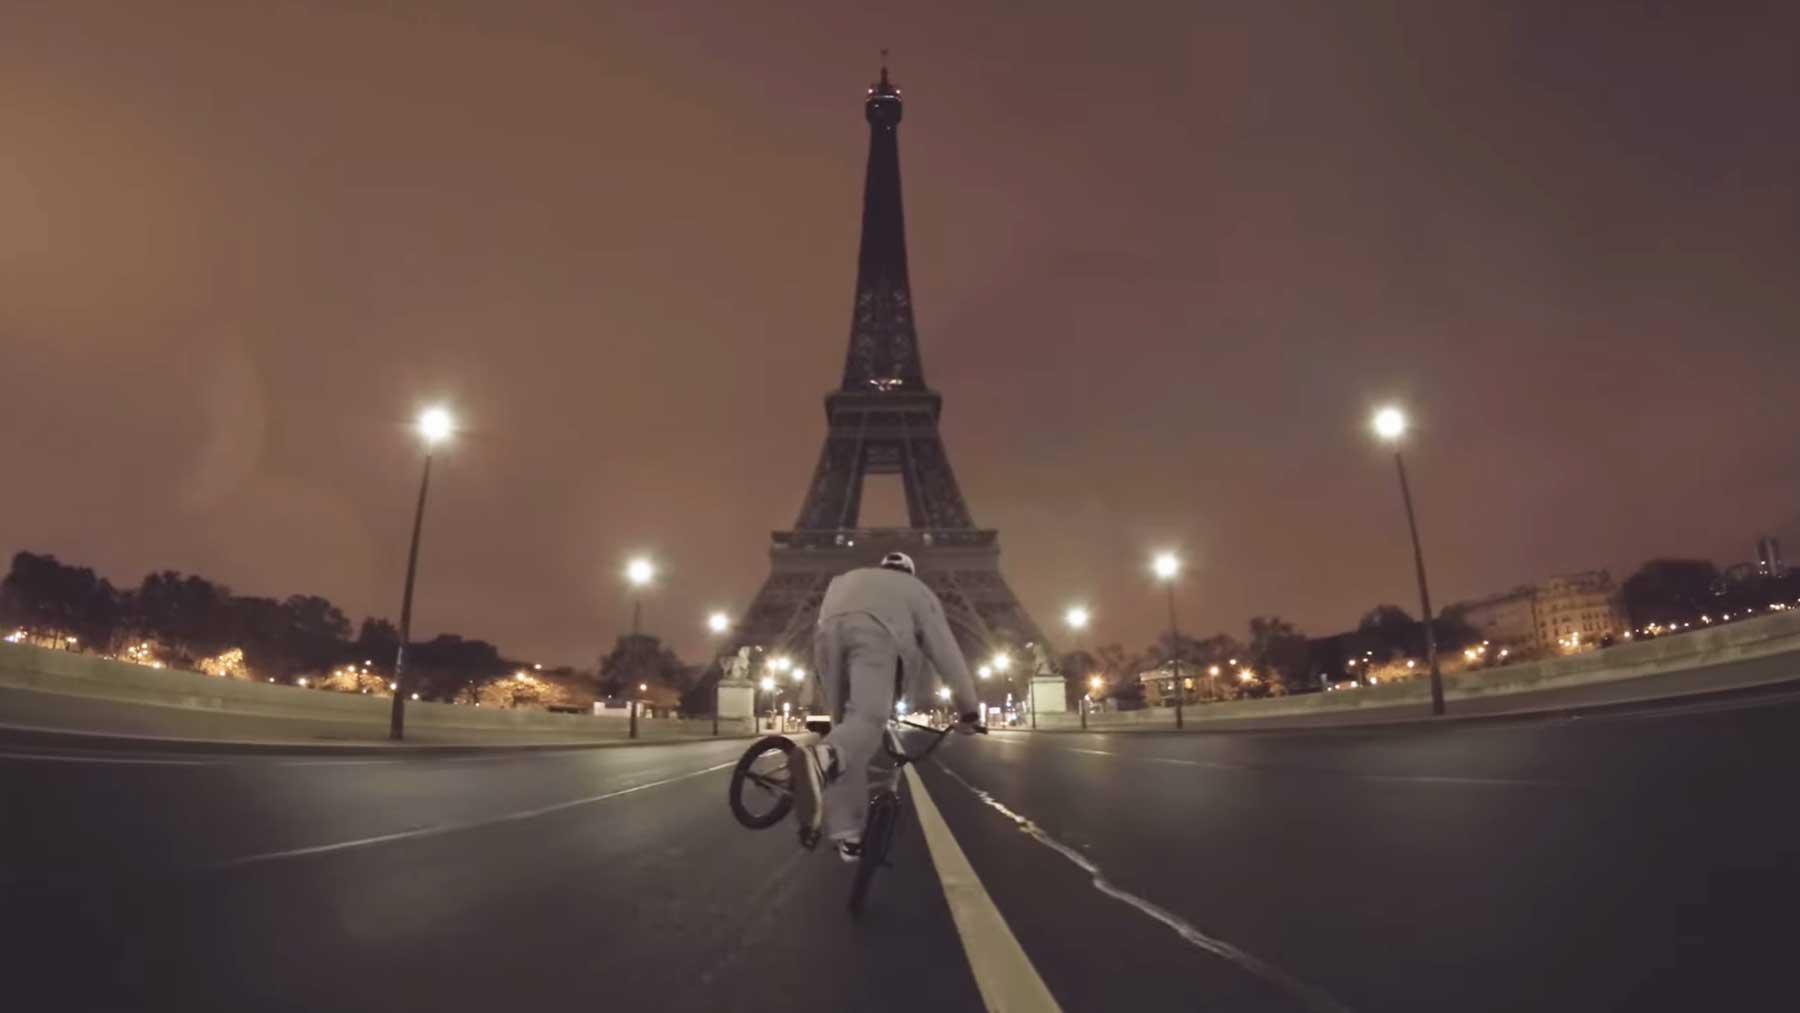 Nachts durch das menschenleere Paris radeln